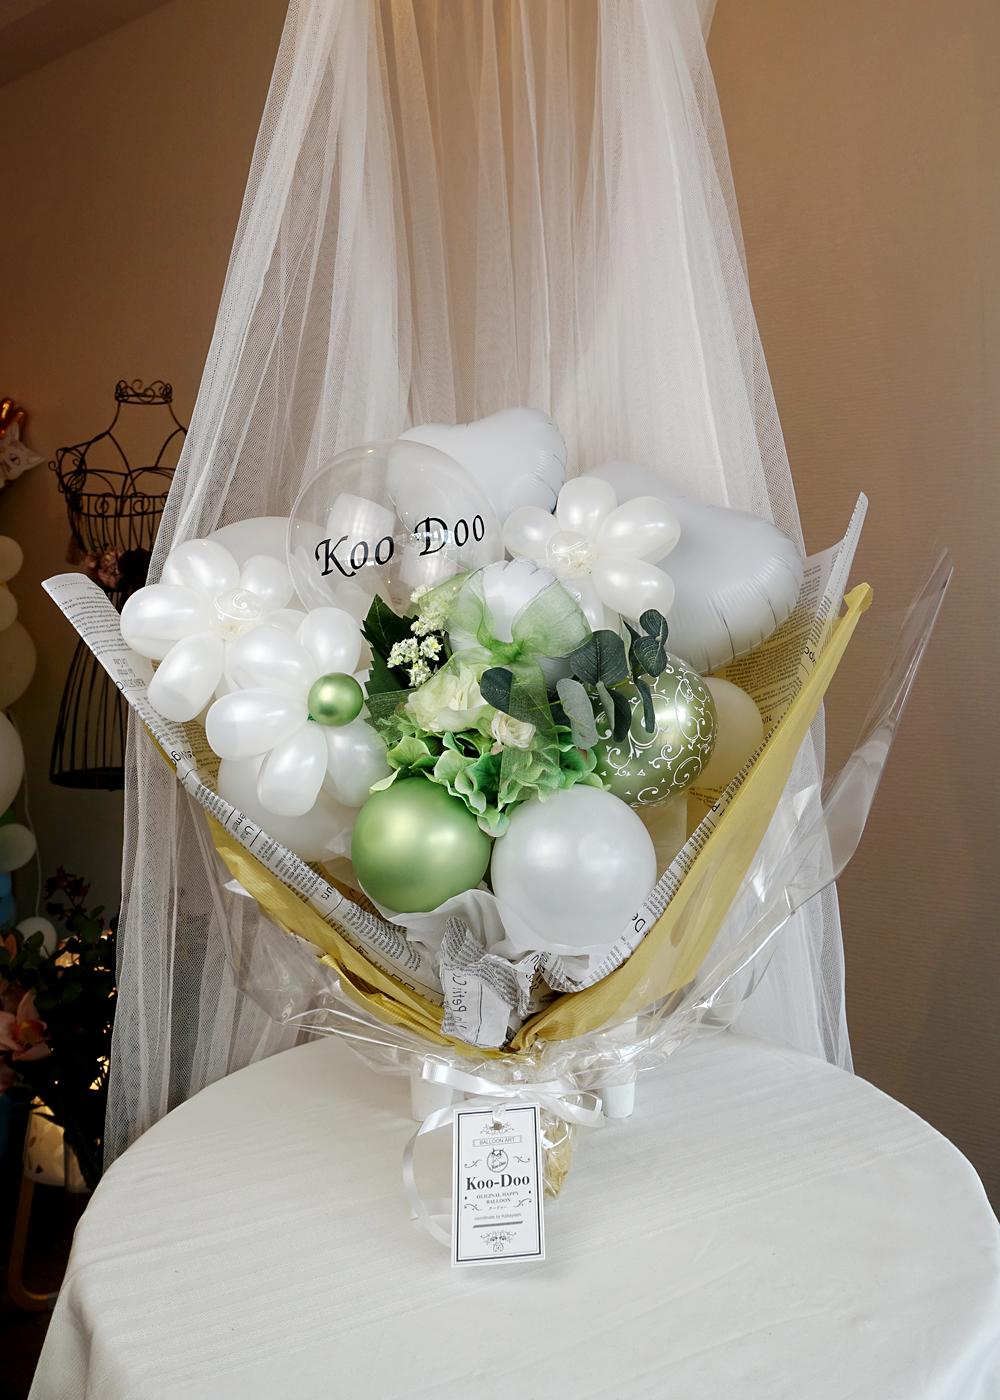 バルーンギフト花束 バースデー 誕生日 お祝い 結婚祝い ウエディング 文字入れ バルーンギフト通販ショップ KOO-DOO